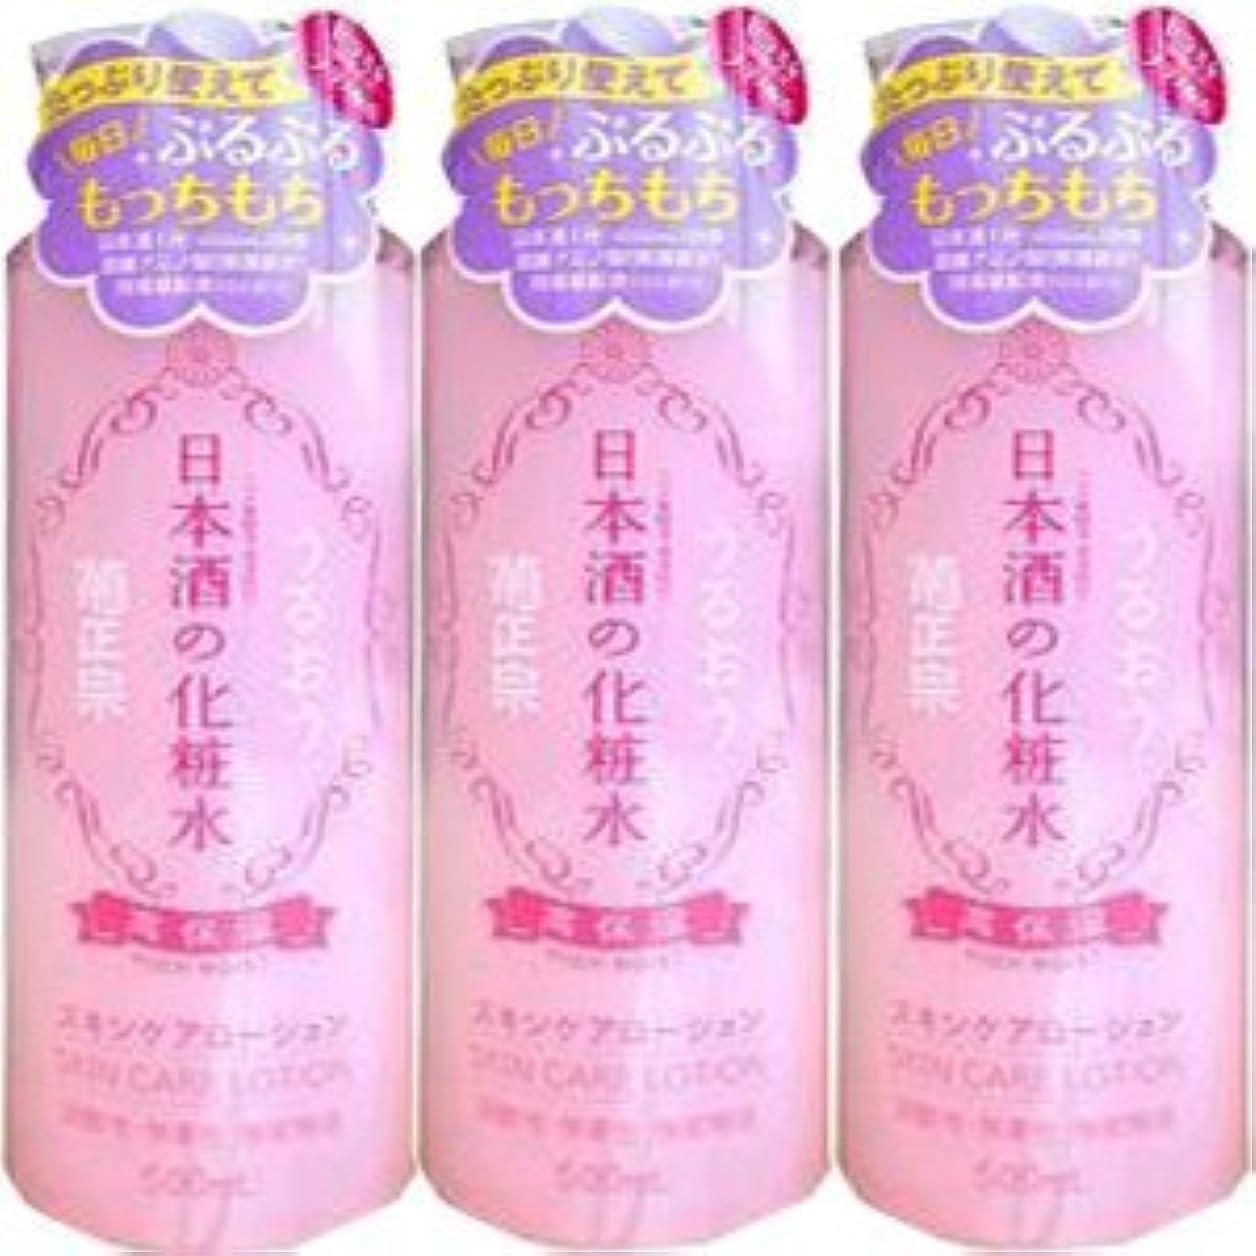 ふつう区別発行する【3個】 菊正宗 日本酒の化粧水 高保湿 500mlx3個 (4971650800578)